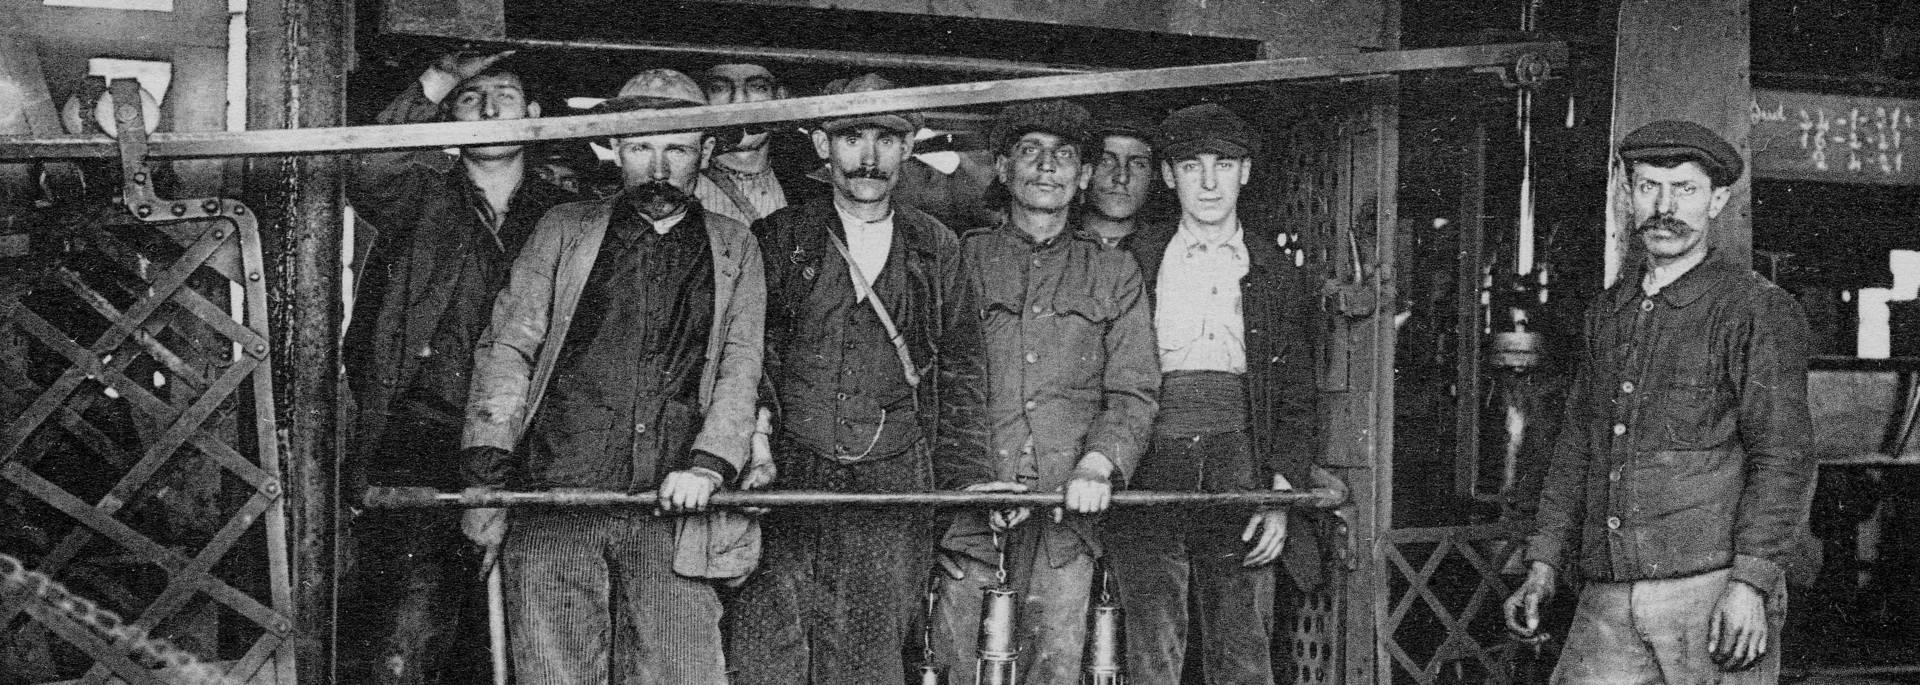 Mineurs de Montceau-Blanzy prêts à descendre au fond. © CUCM, document Écomusée. Reproduction D. Busseuil.